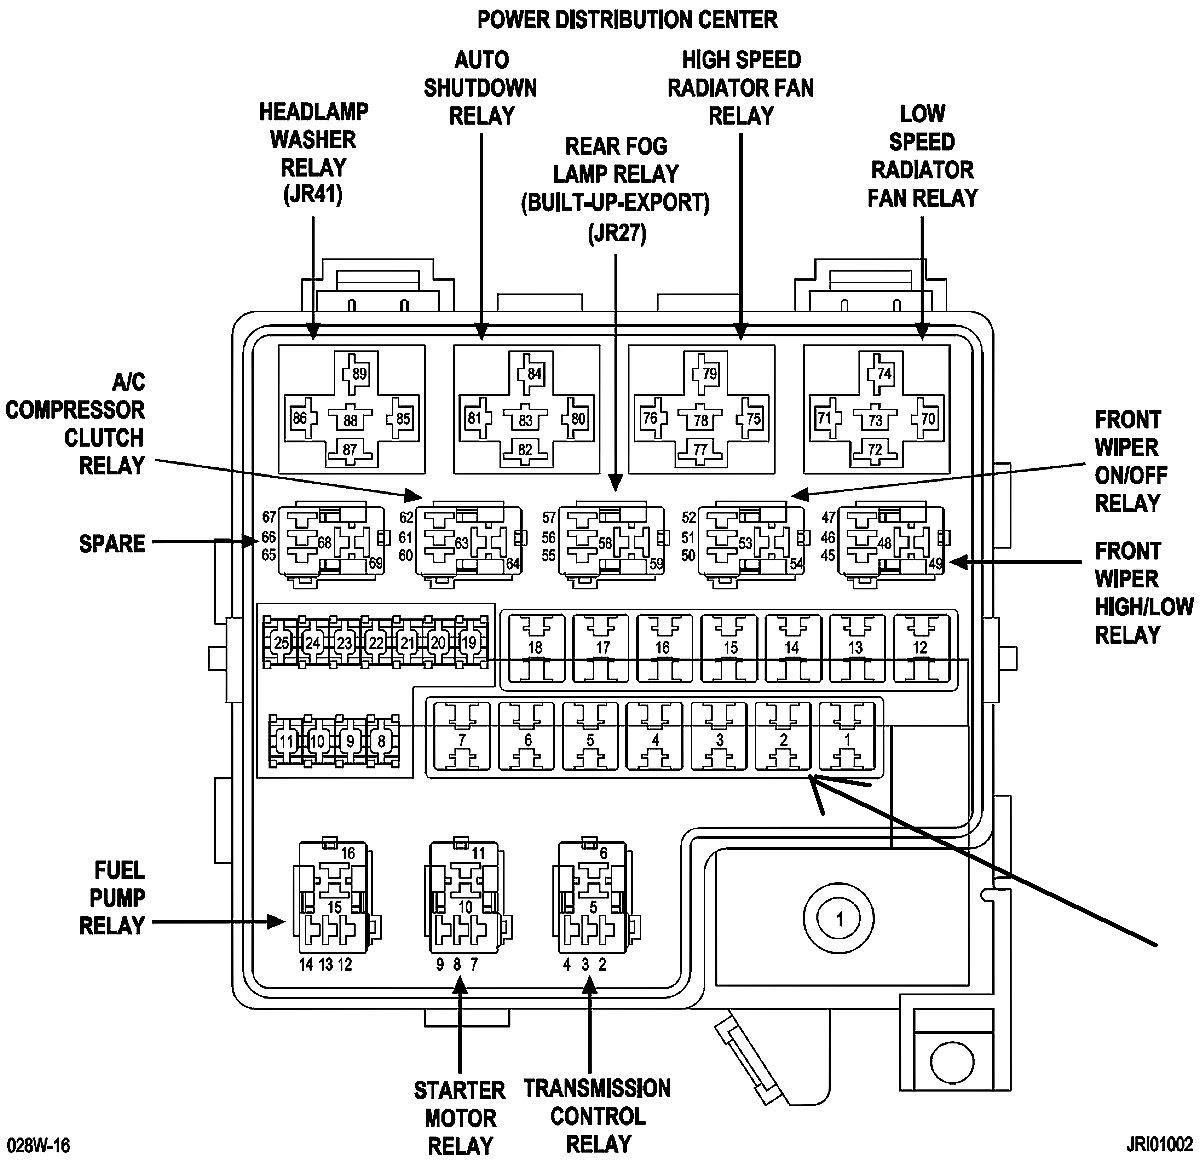 2004 chrysler sebring convertible wiring diagram